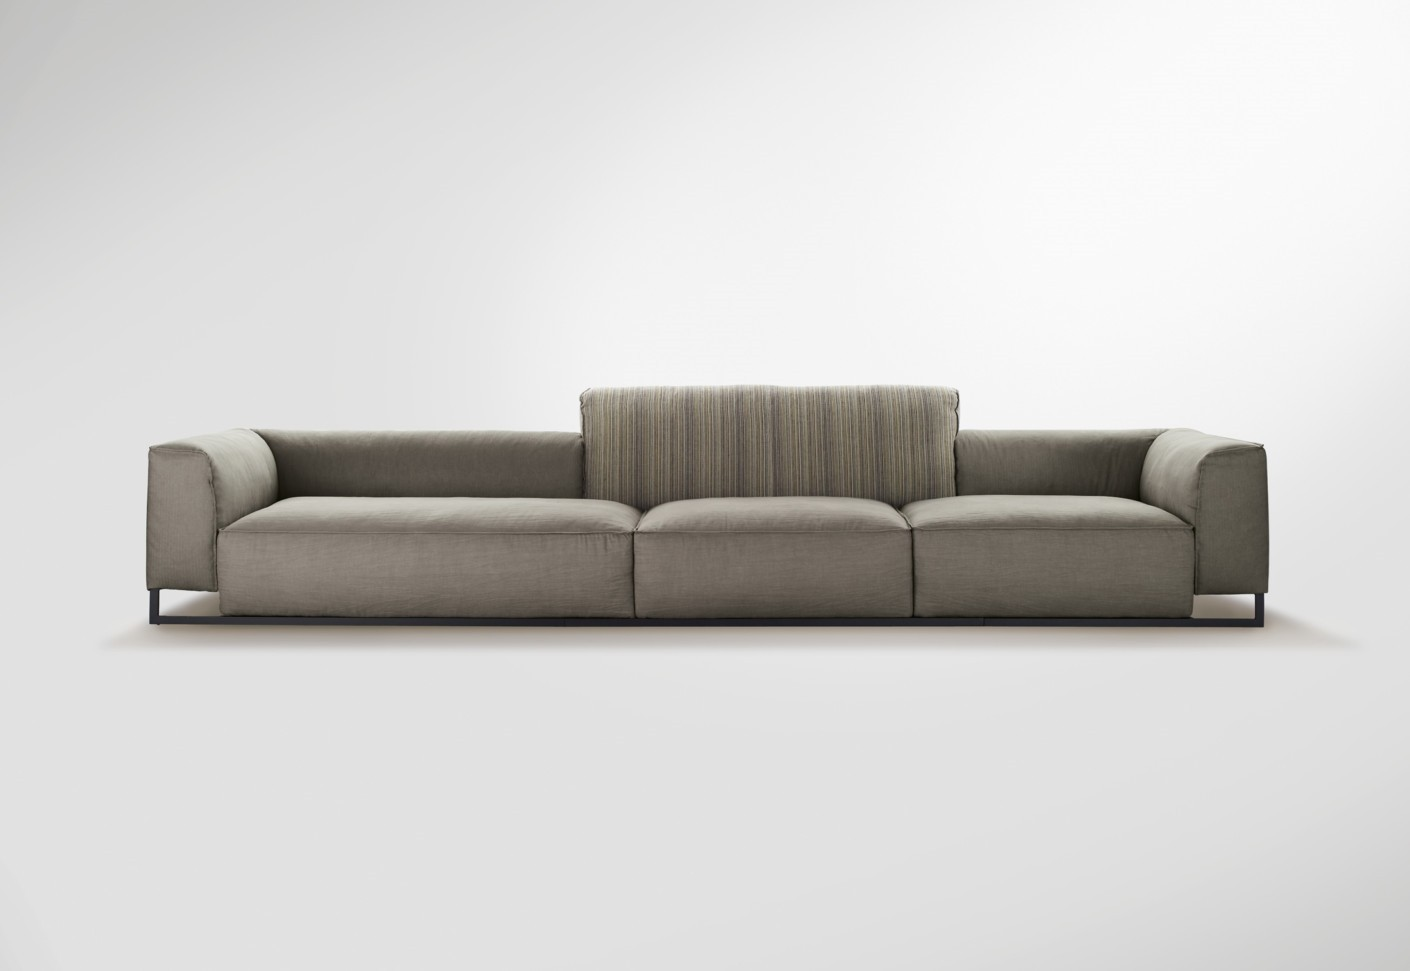 Hoekbank 4 meter top grnlid hoekbank zits met open eind for Couch 4 meter